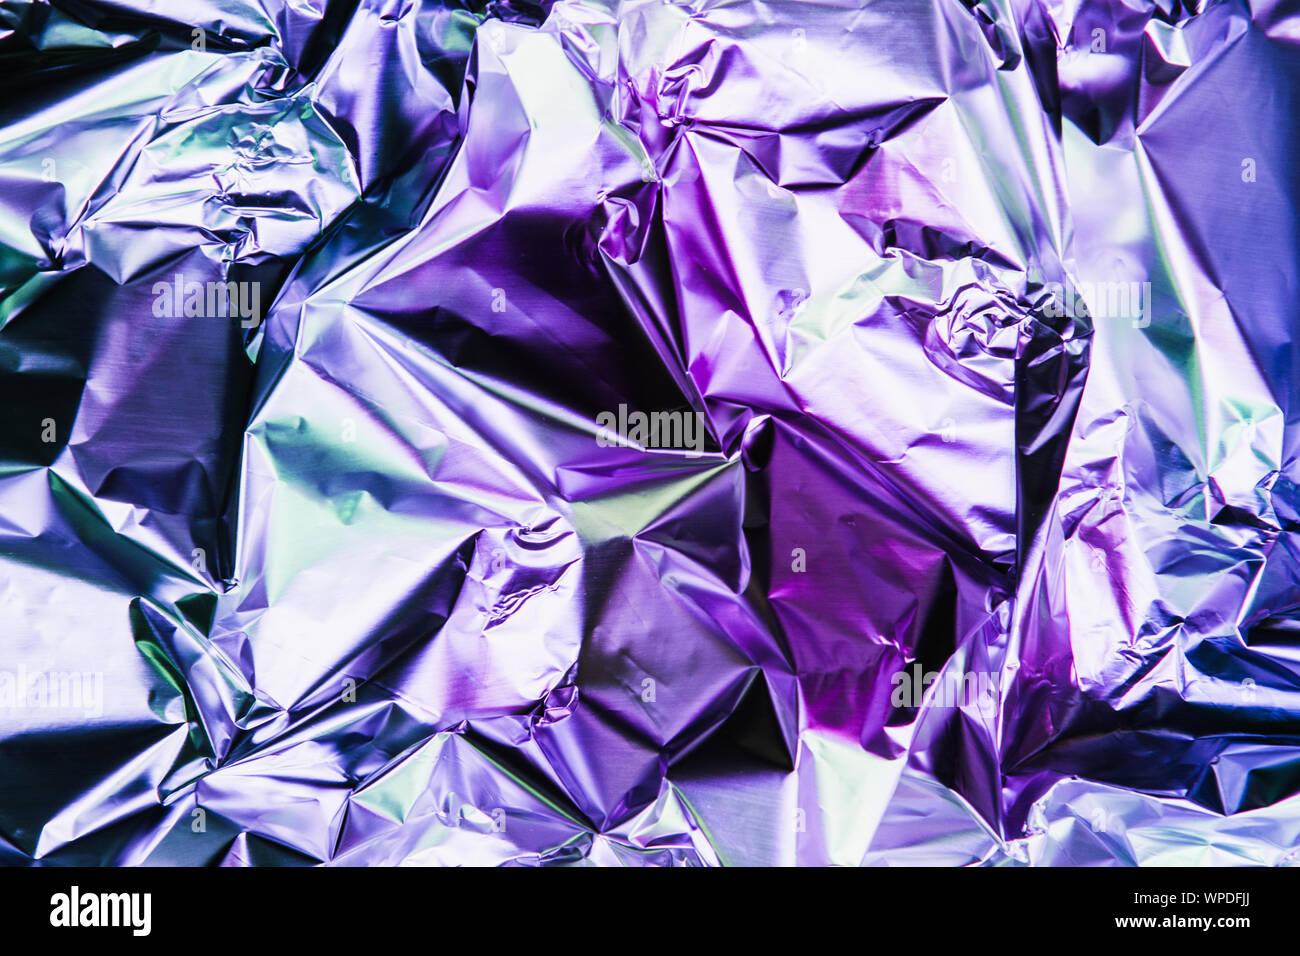 Zerknitterte bunte Folie Hintergrund. Abstrakte Muster mit Schatten. Neon Rosa und blauen Farbtönen. Stockfoto